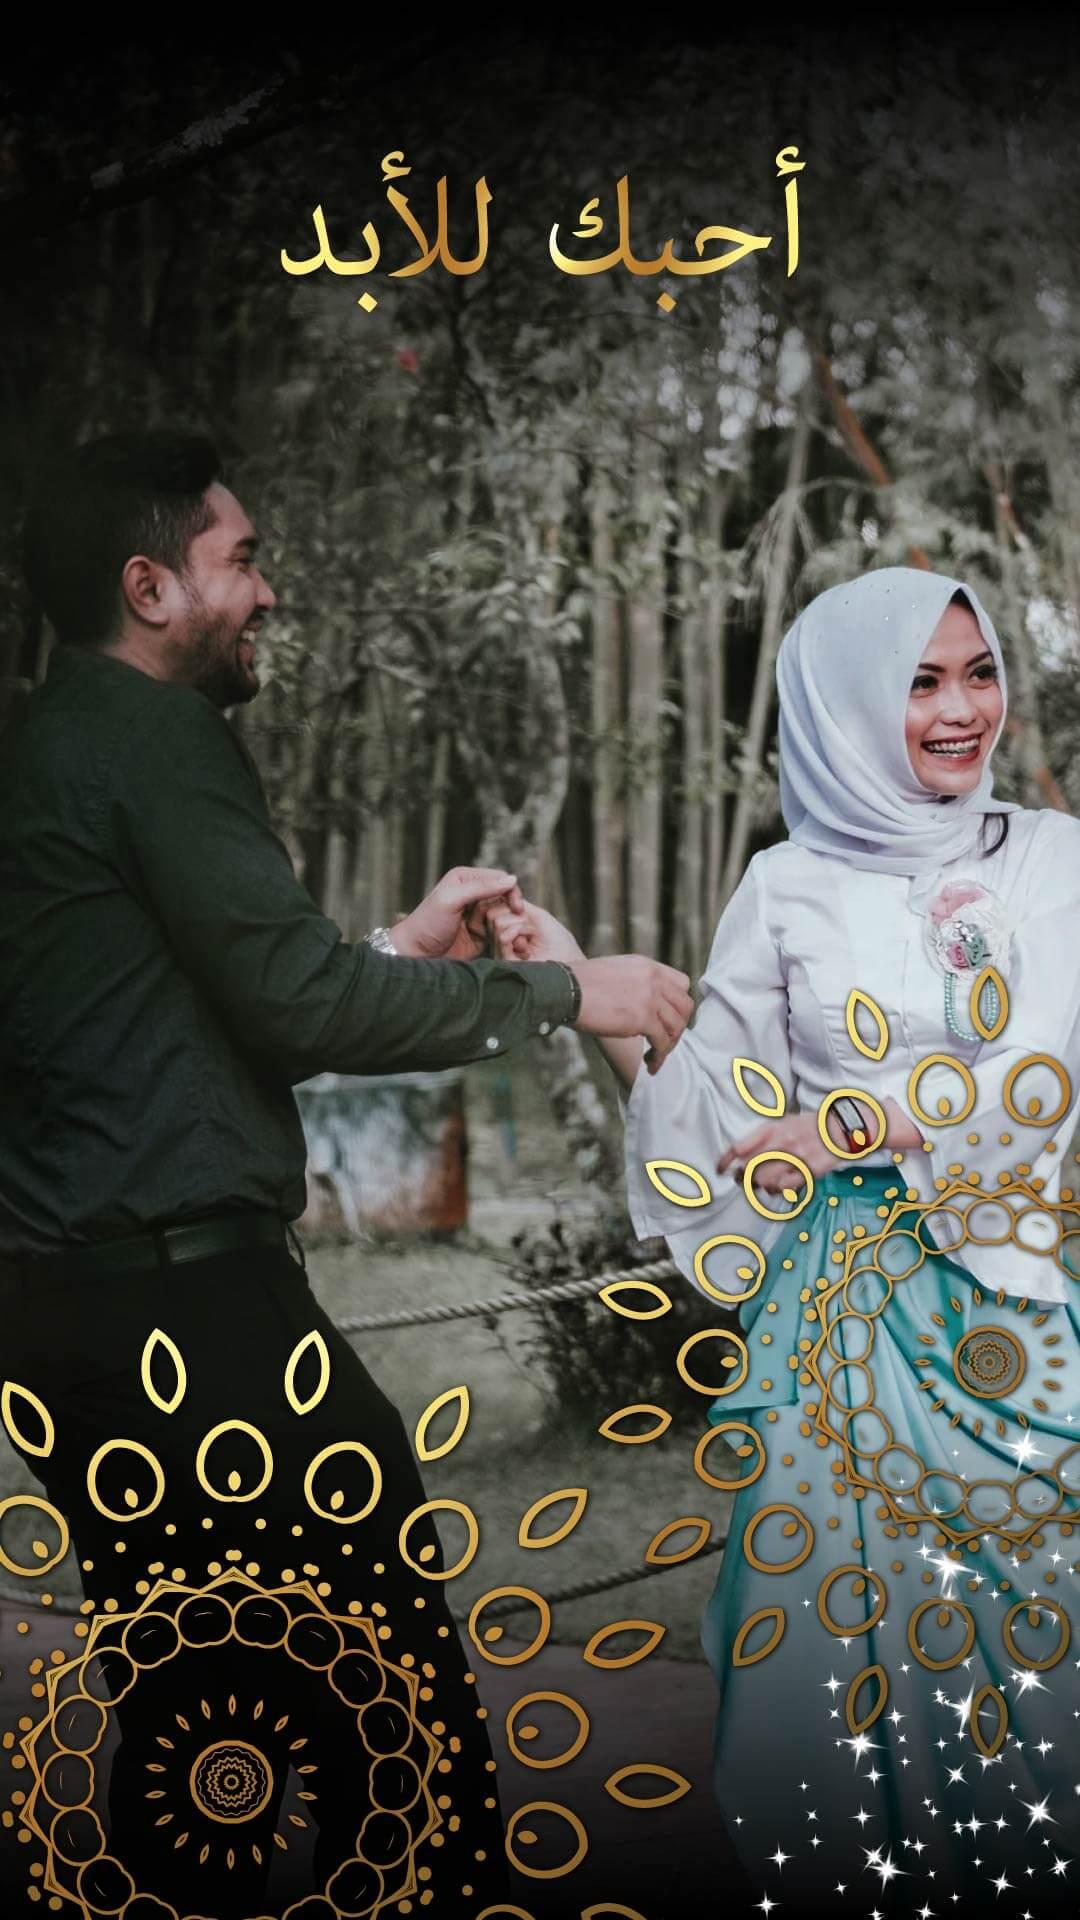 اسلامية Snapchat Geofilters